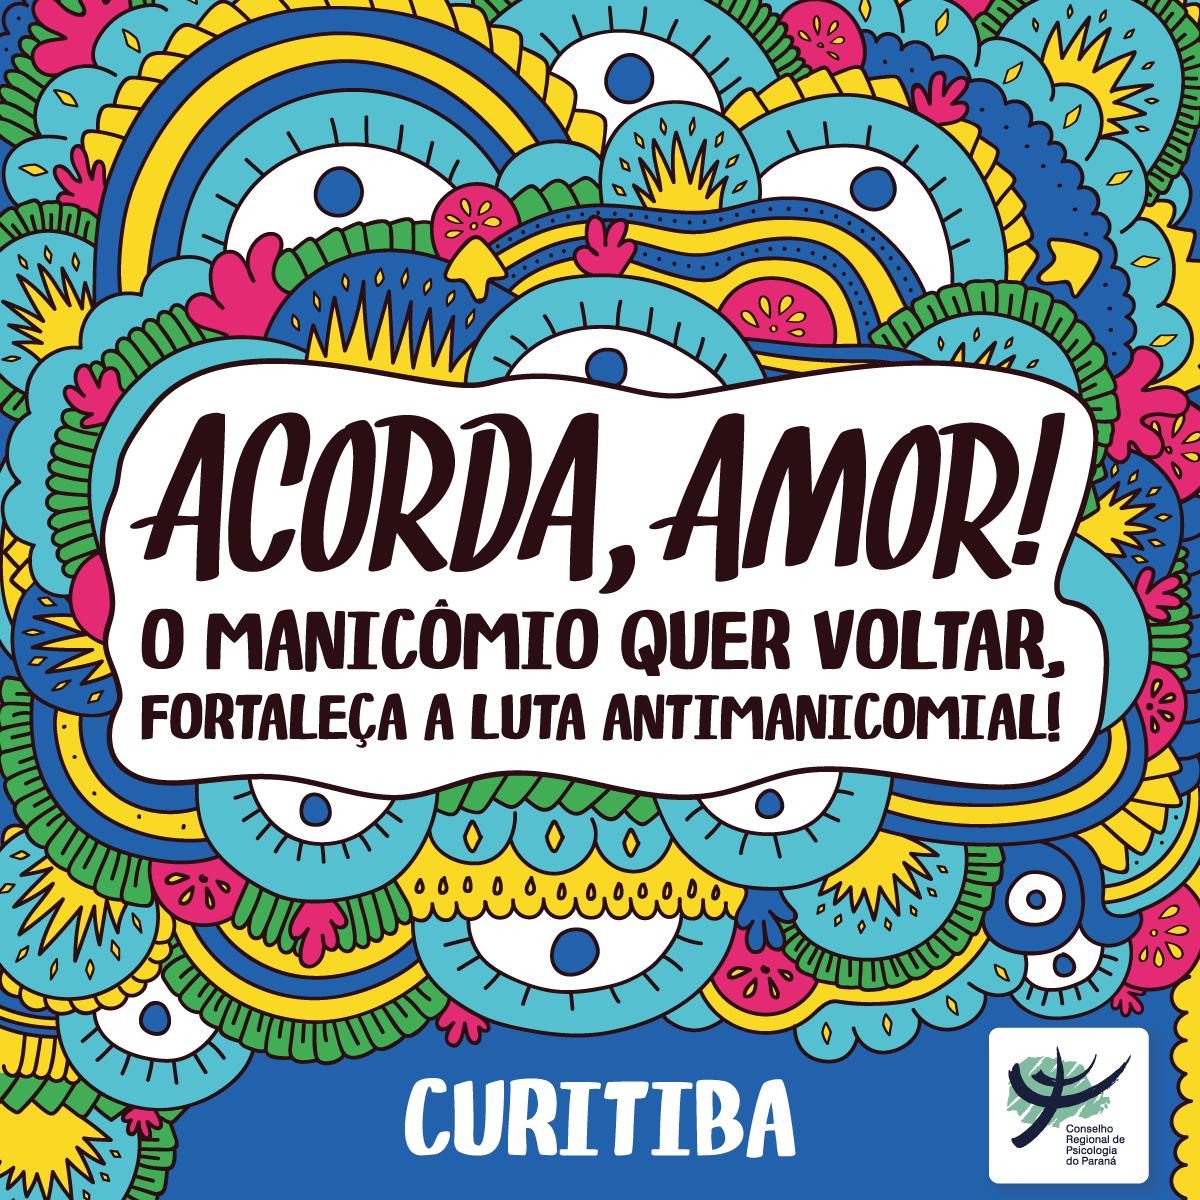 Curitiba | Acorda, amor! O manicômio quer voltar